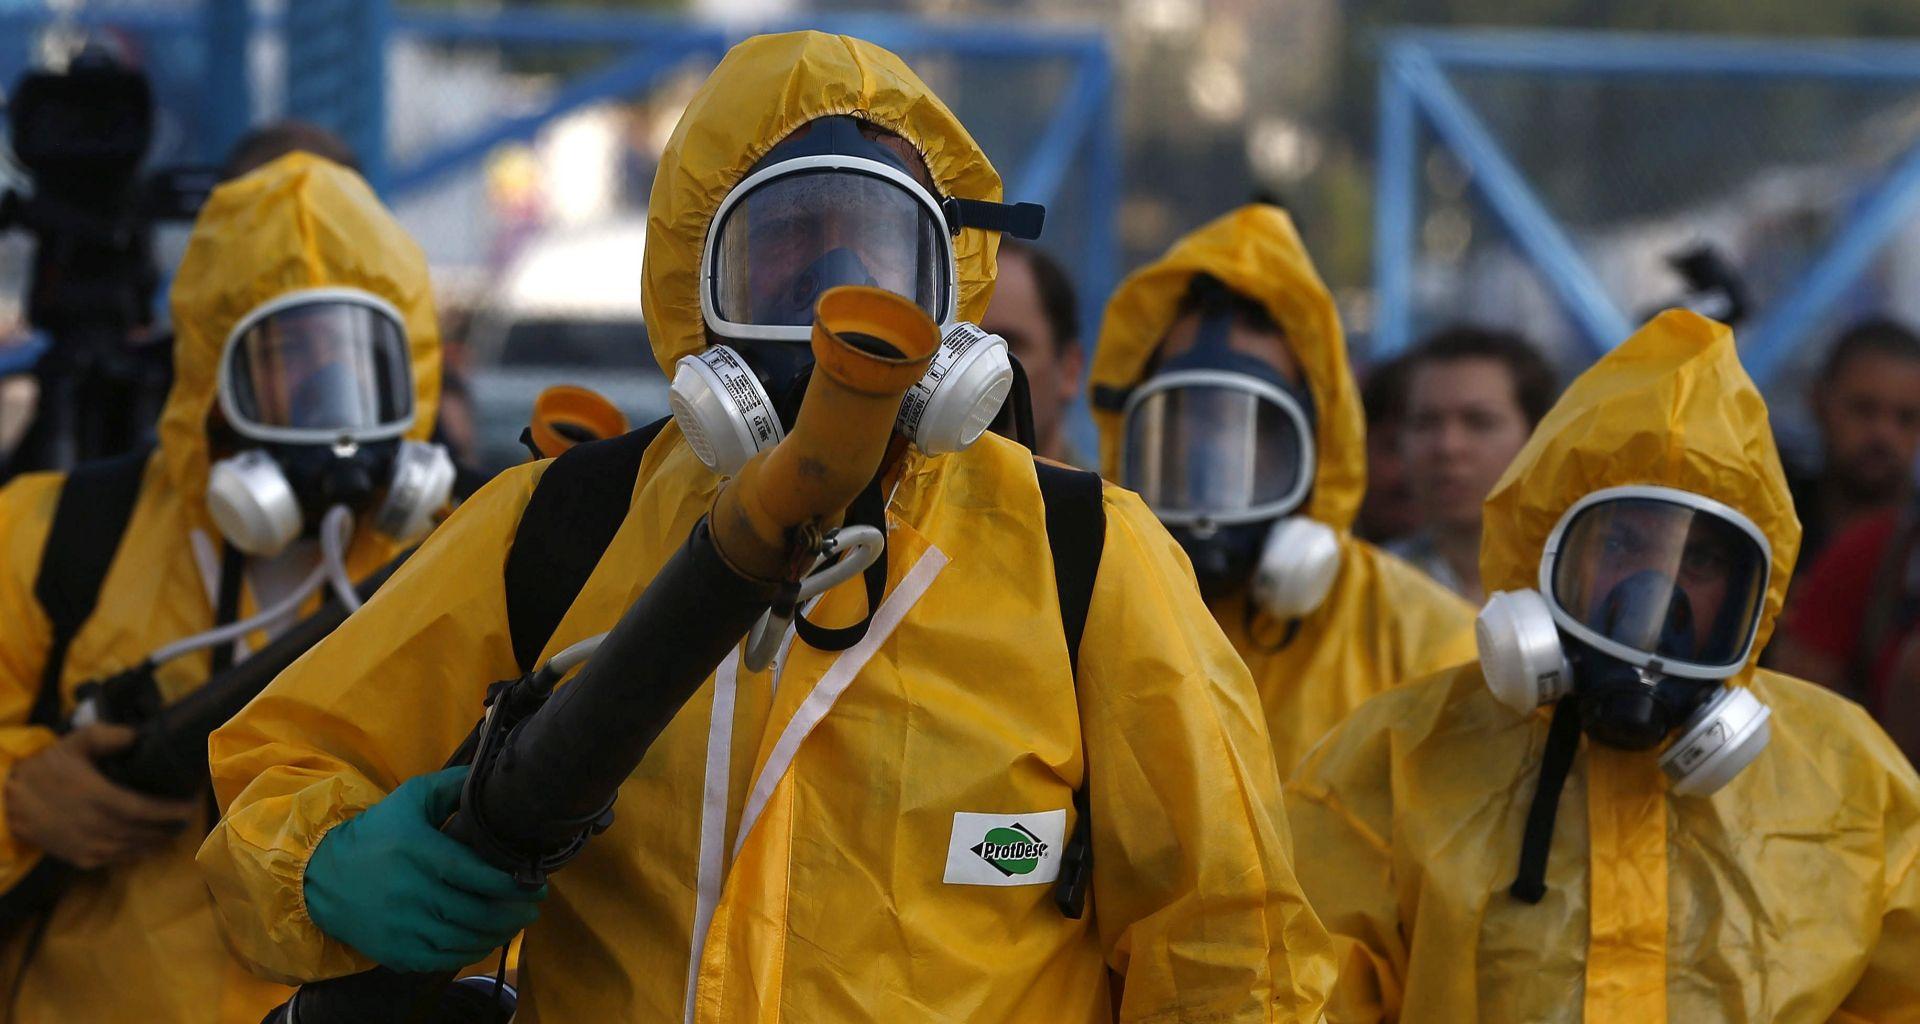 Znanstvenici: Zika virus opasniji nego što se misli